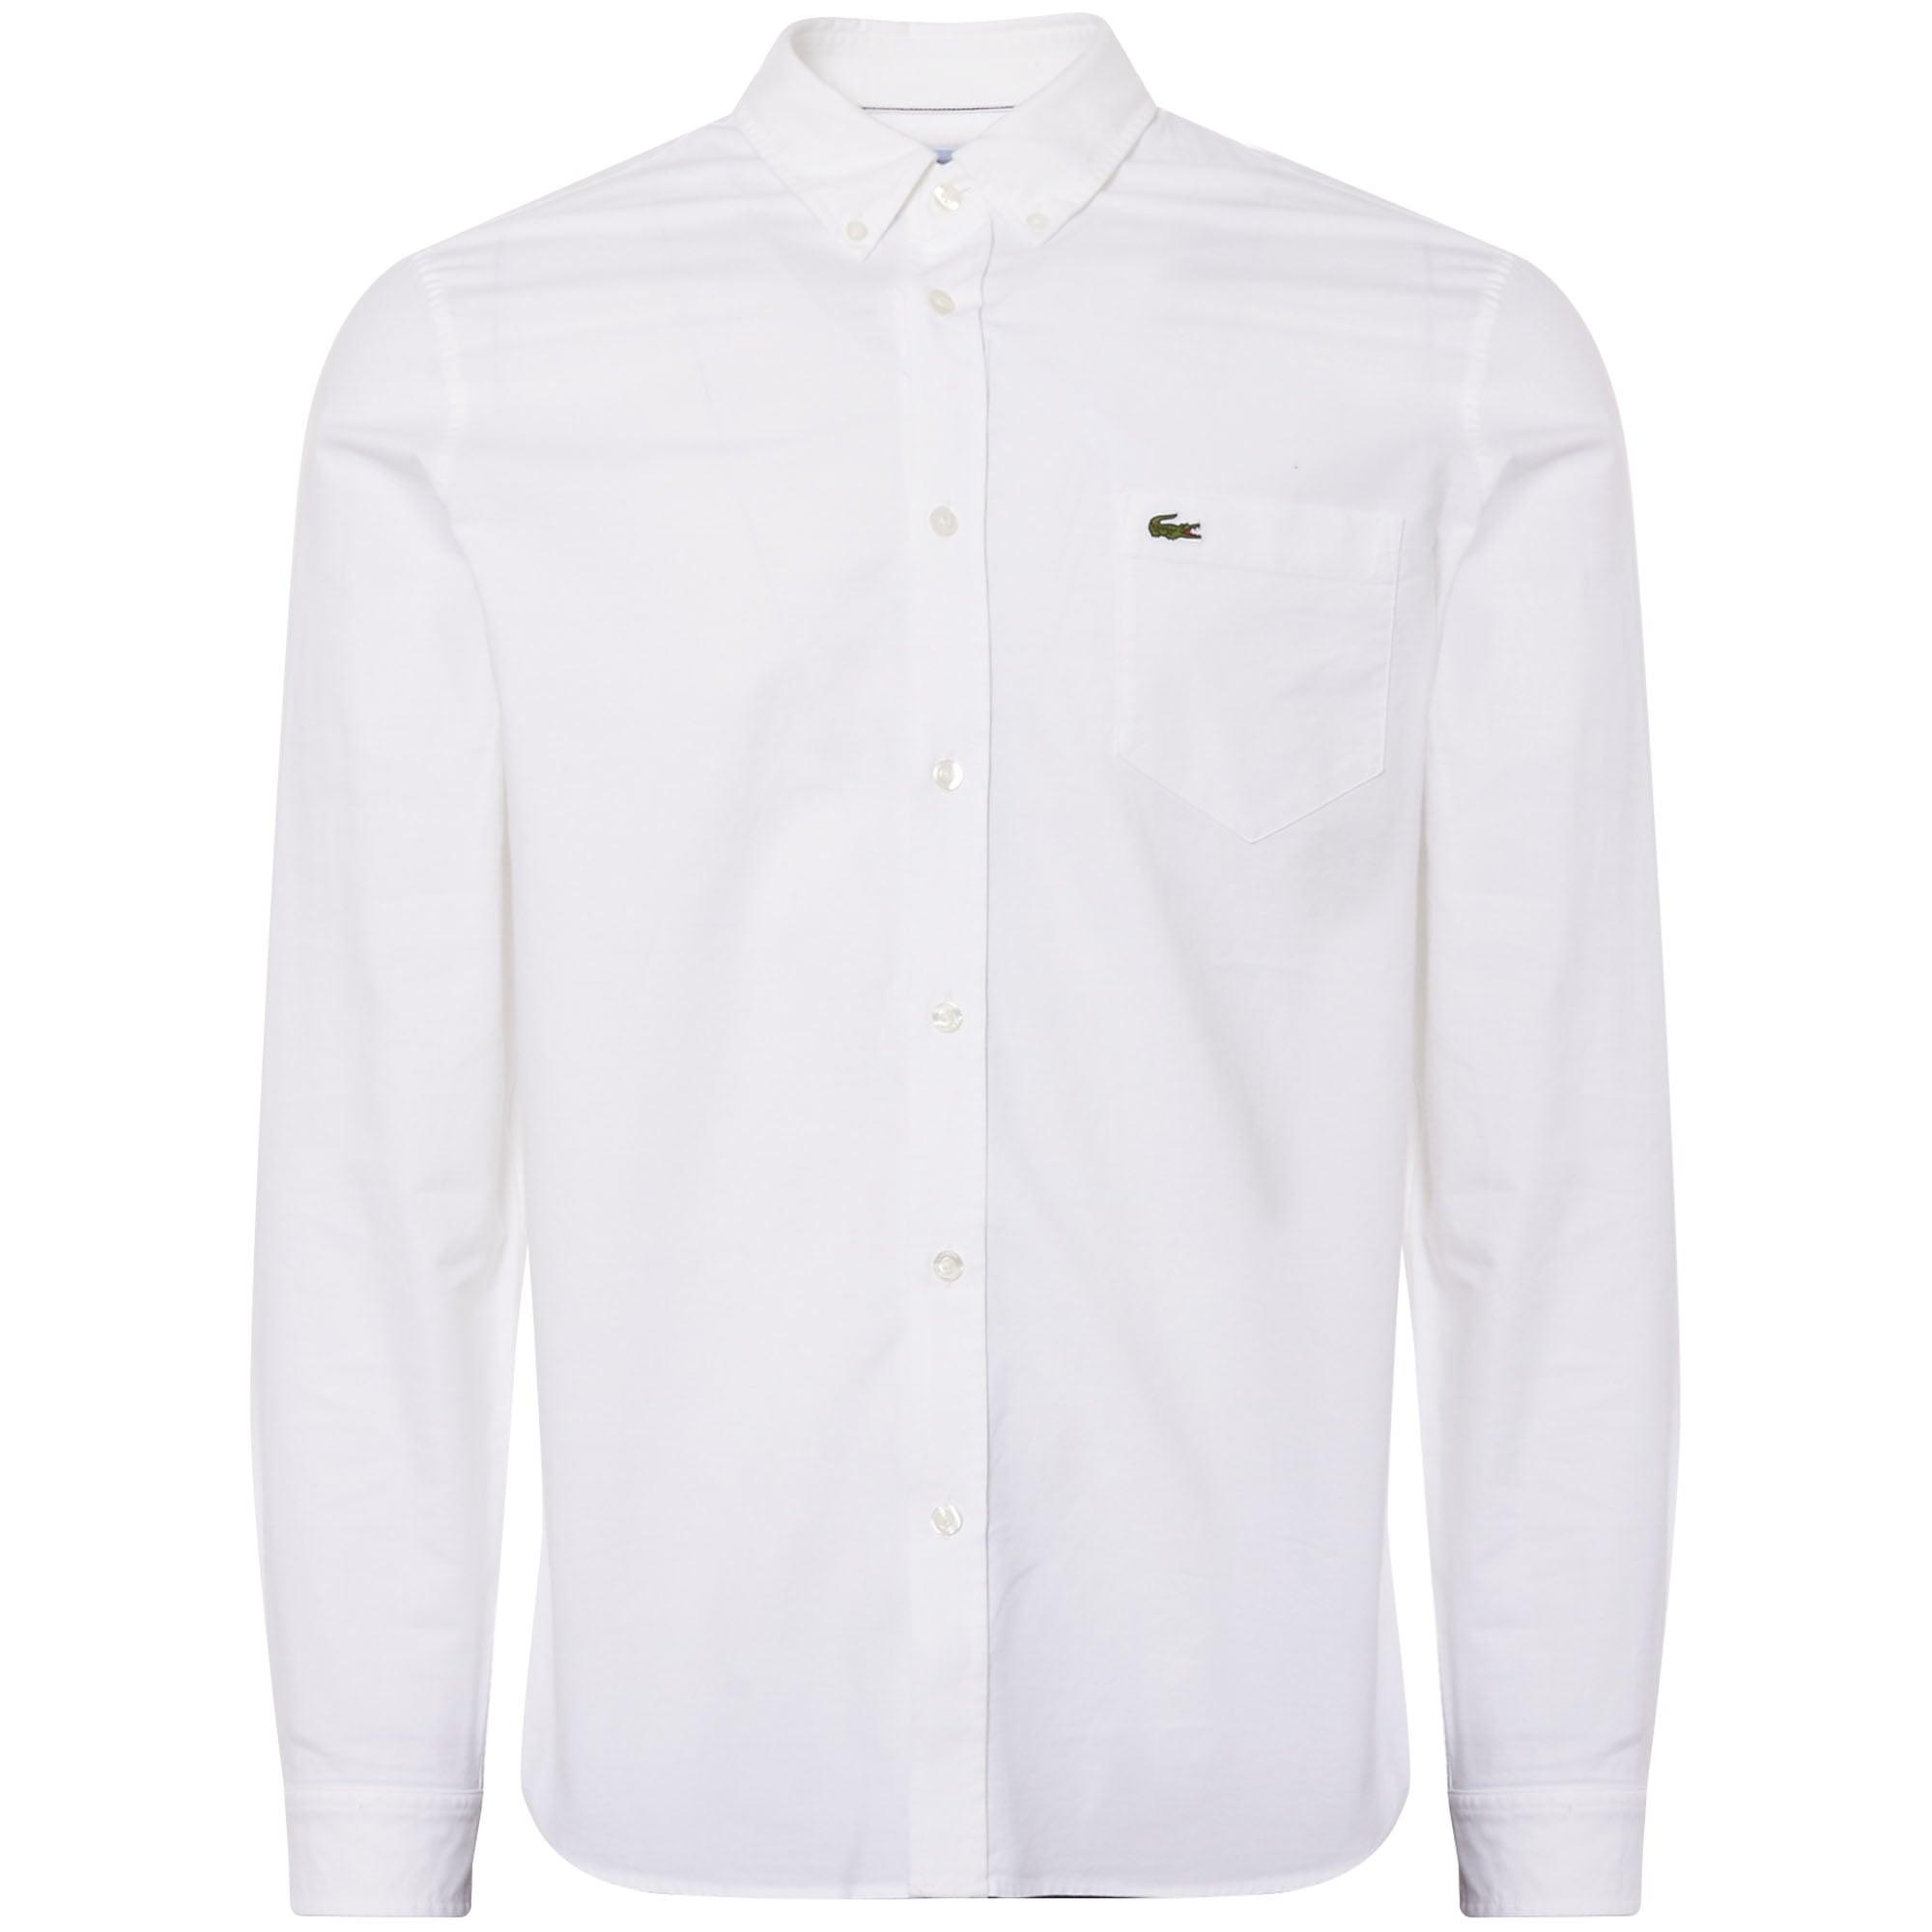 dae63d9a White Oxford Shirt